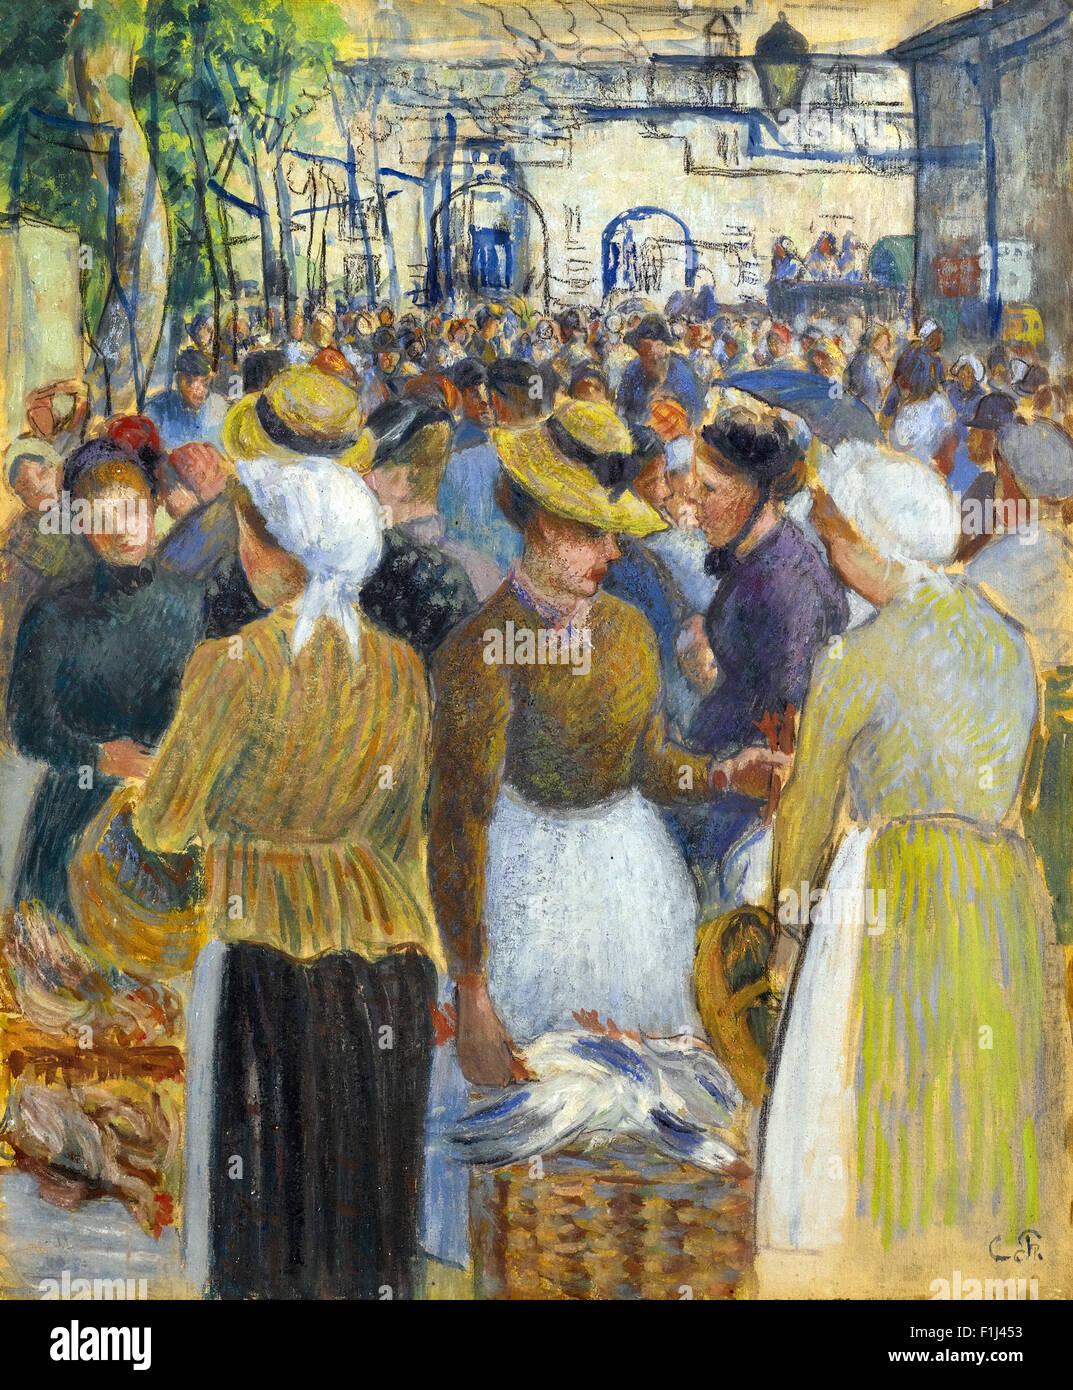 Camille Pissarro - Marché à la Volaille à Gisors - Stock Image